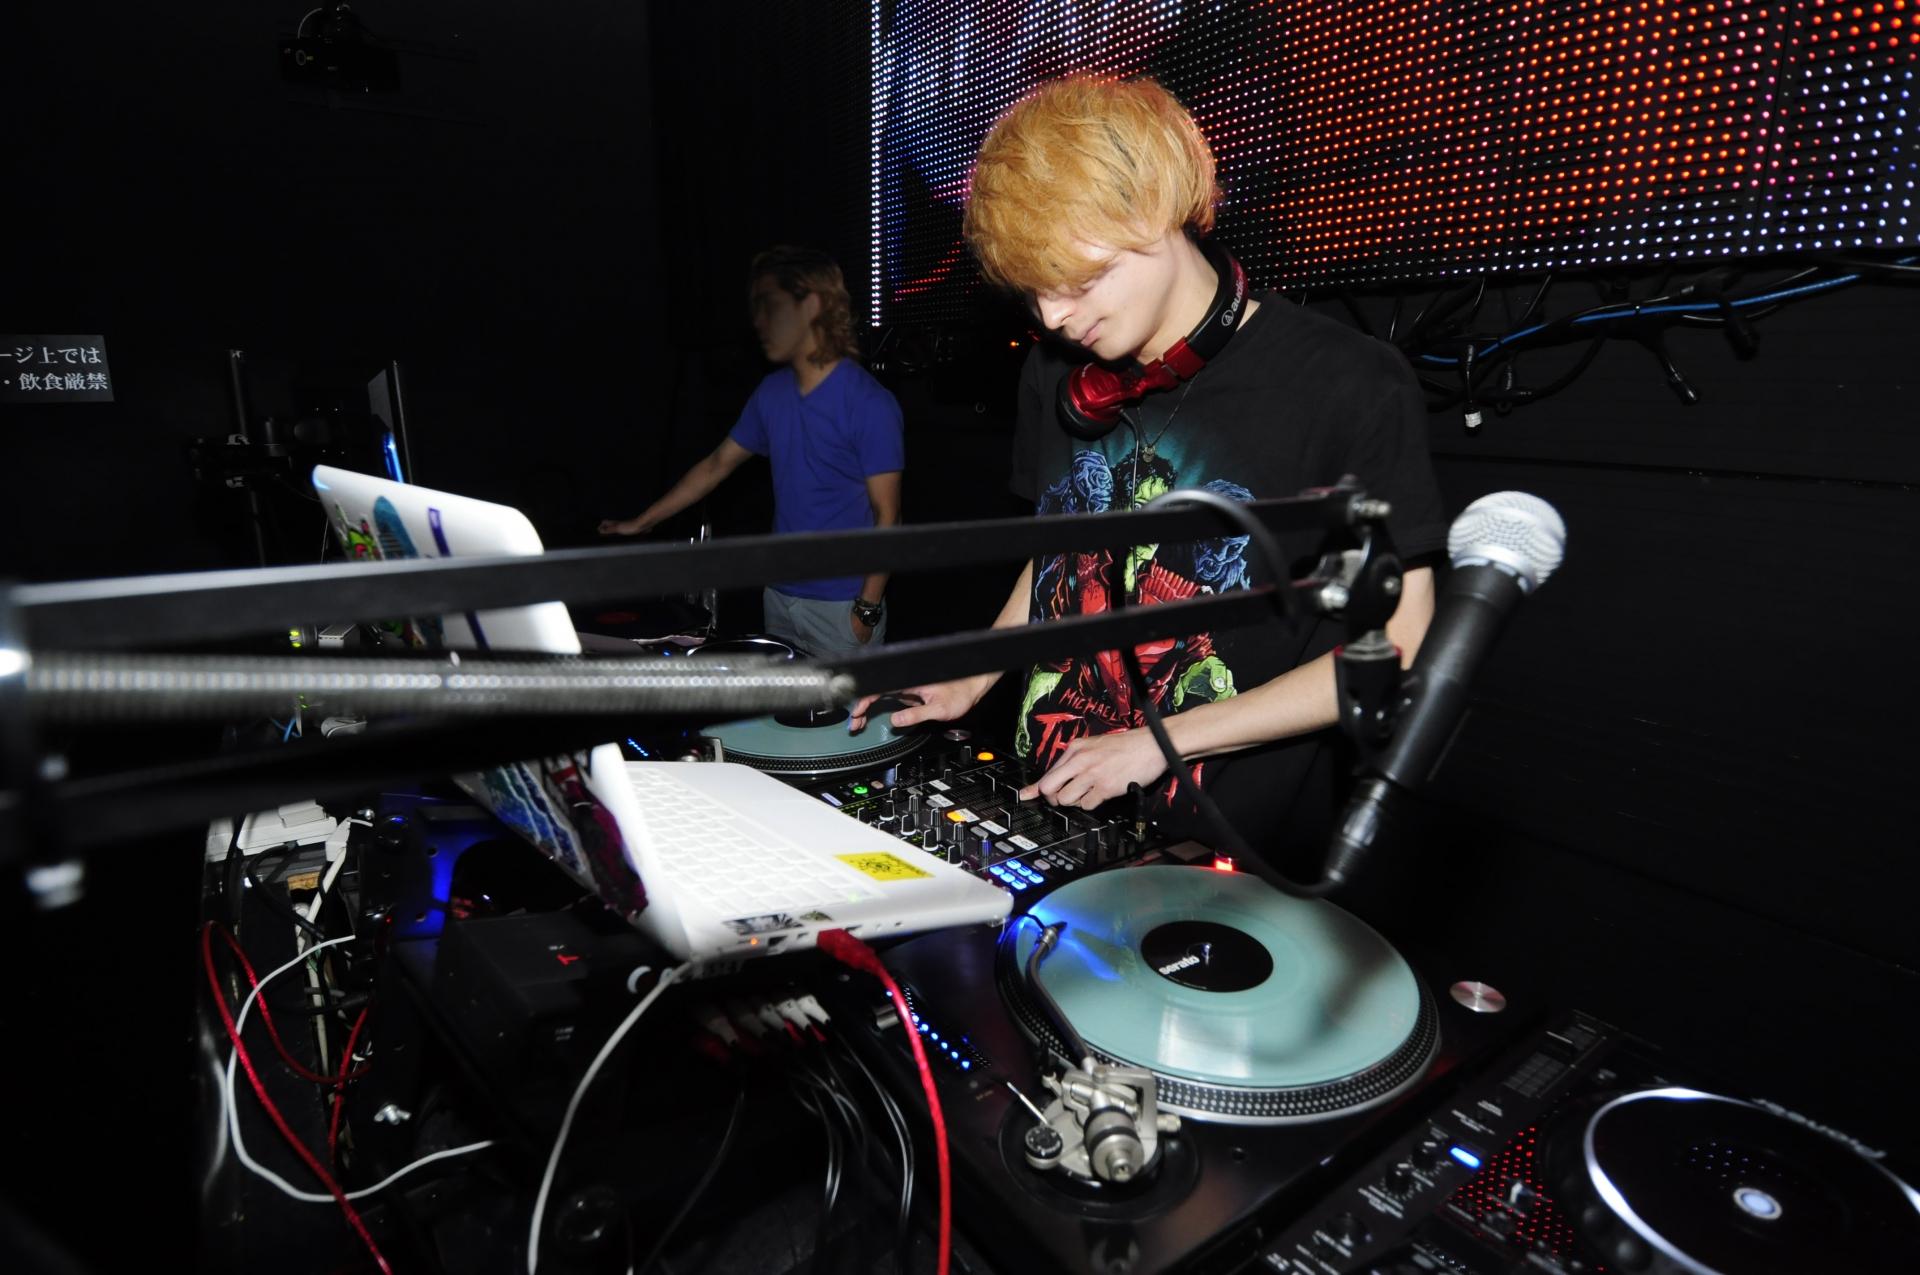 DJが演奏している景色